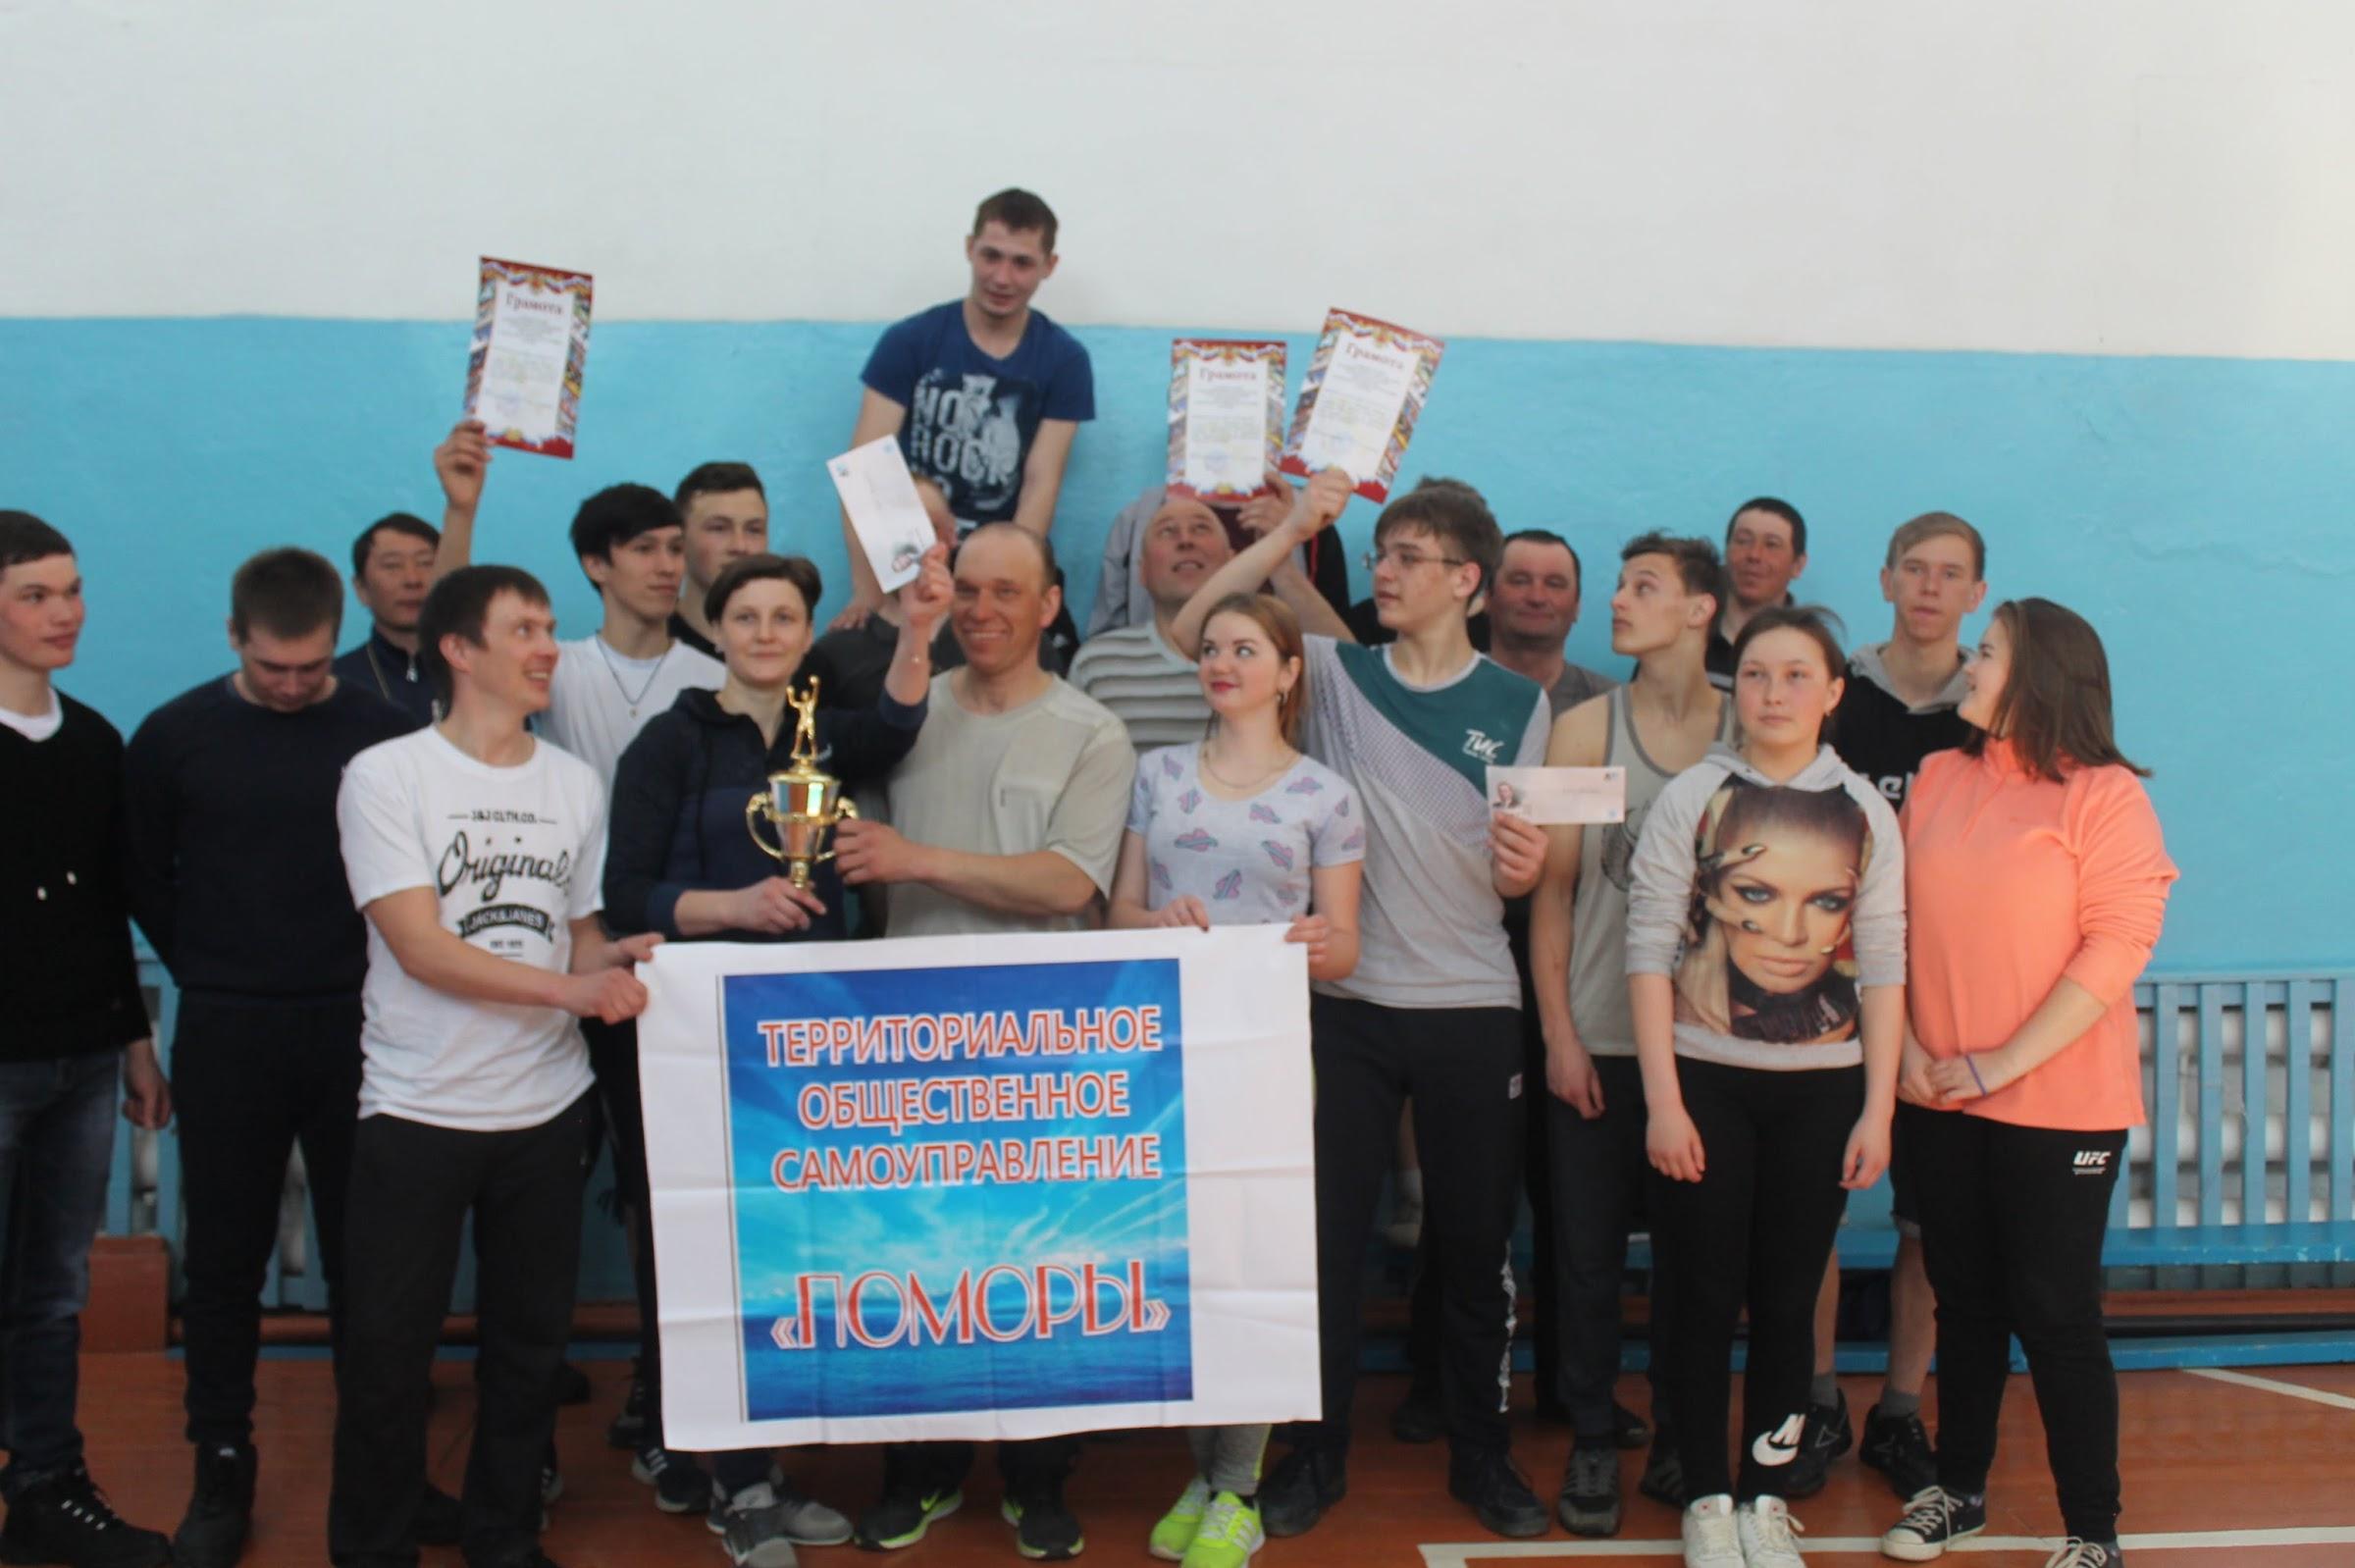 Общее фото команд участников турнира по волейболу